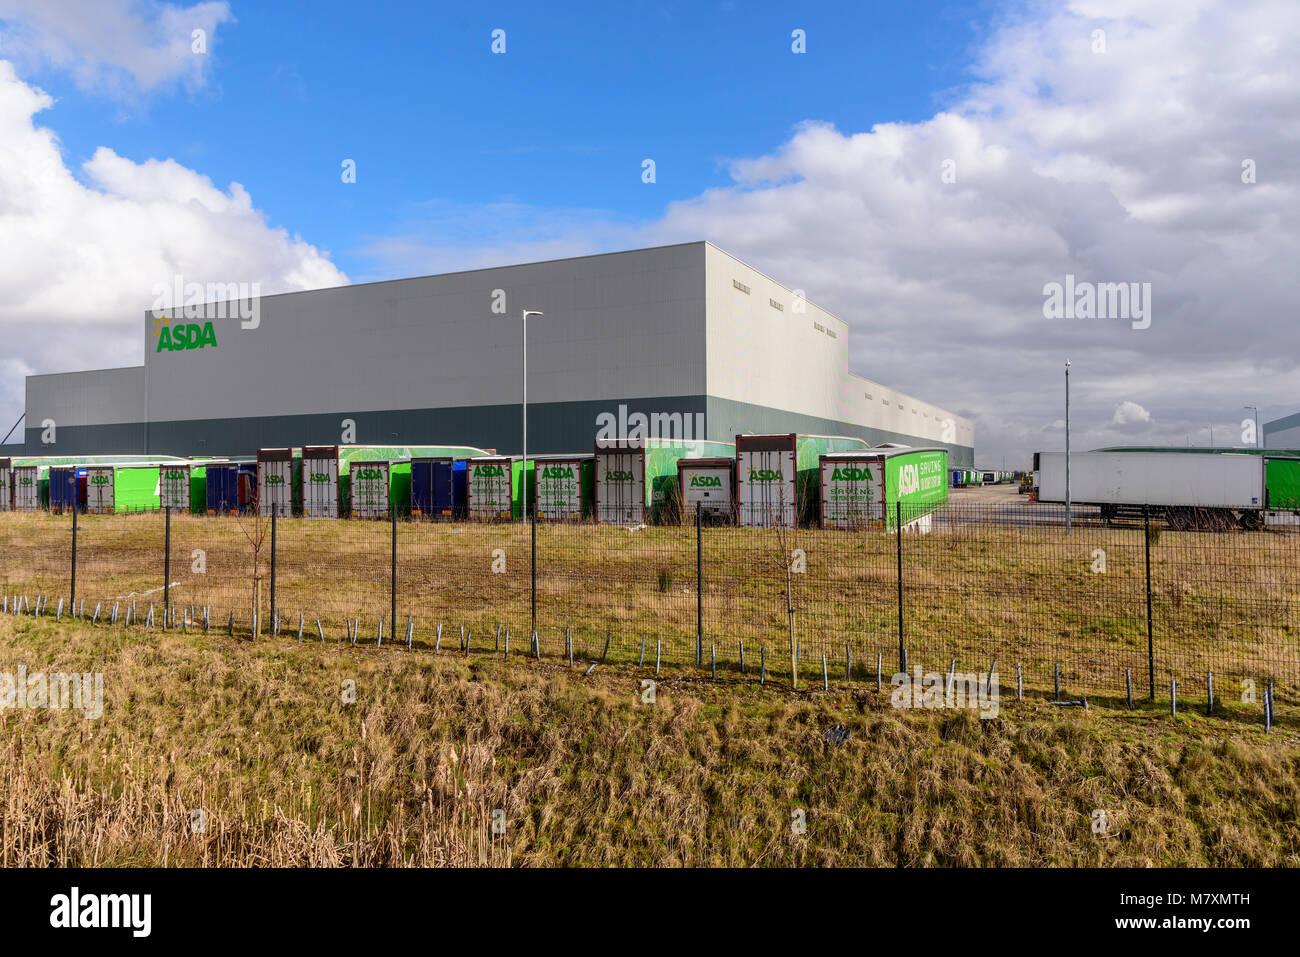 Un énorme entrepôt de distribution Asda sur le développement d'Omega à Warrington. Photo Stock